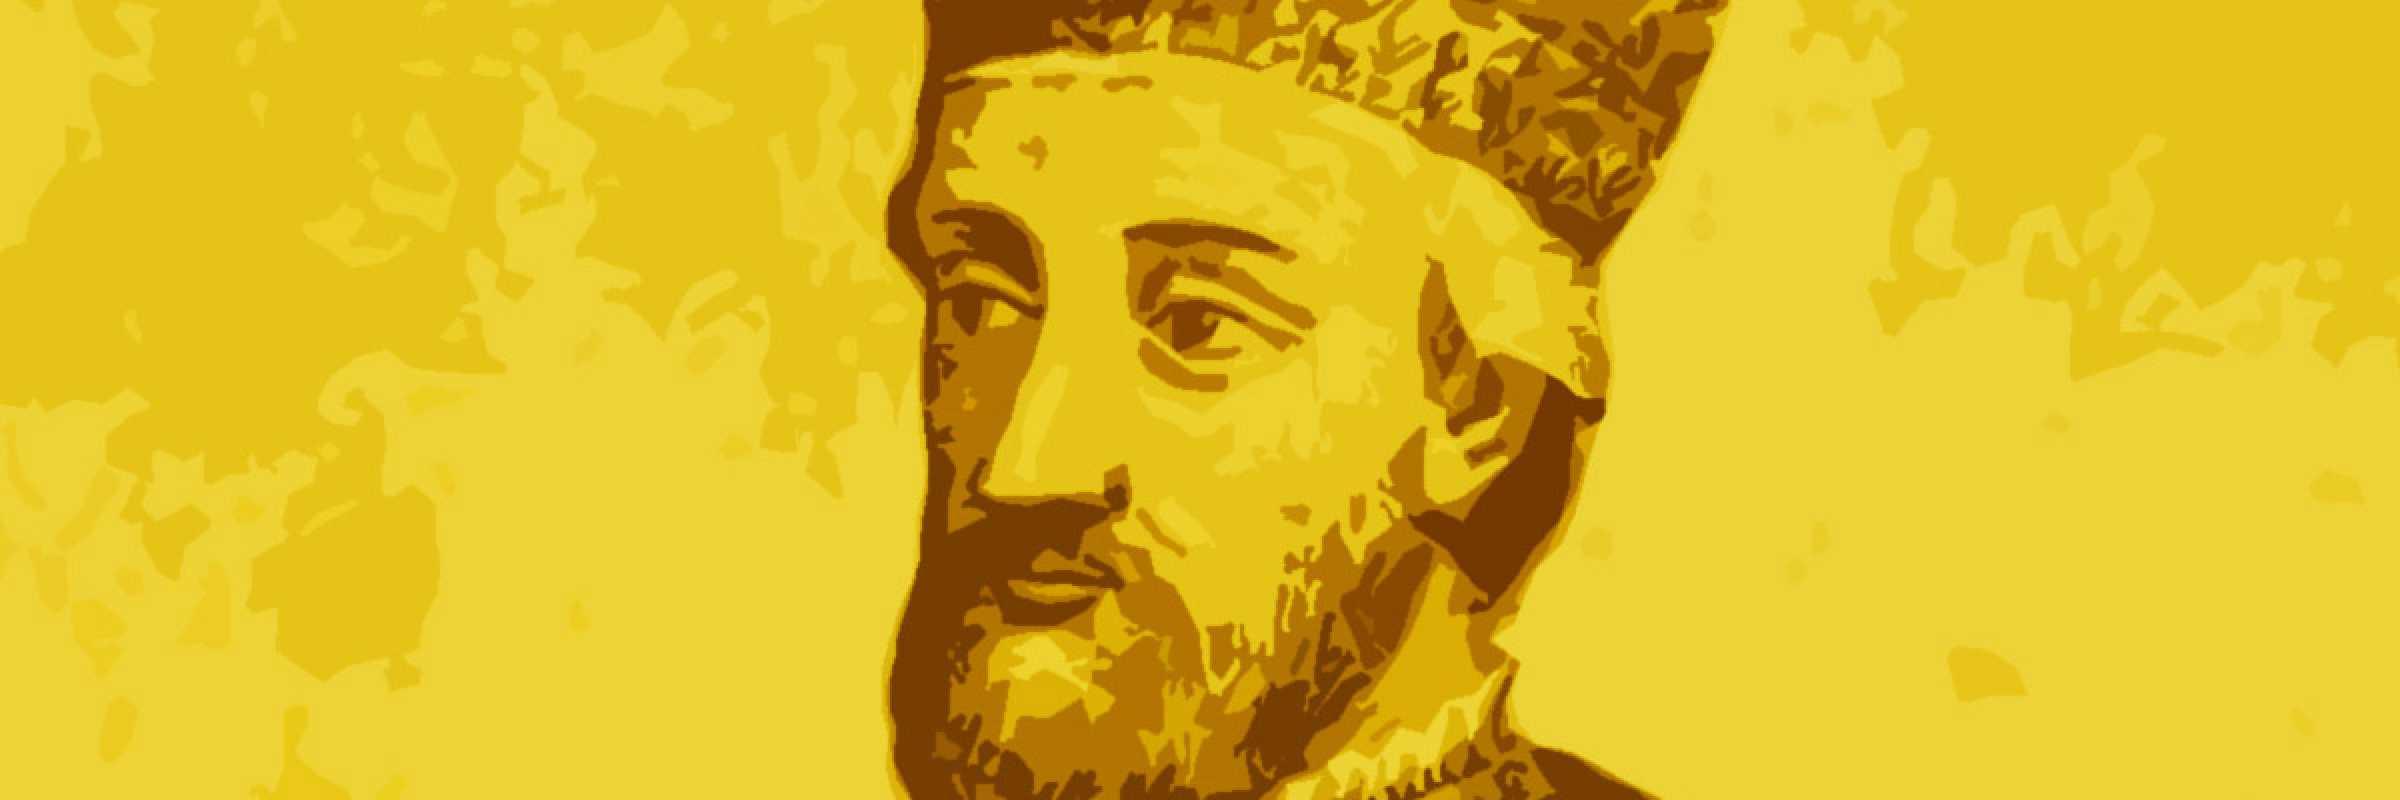 Incisione raffigurante il doge Marino Zorzi.